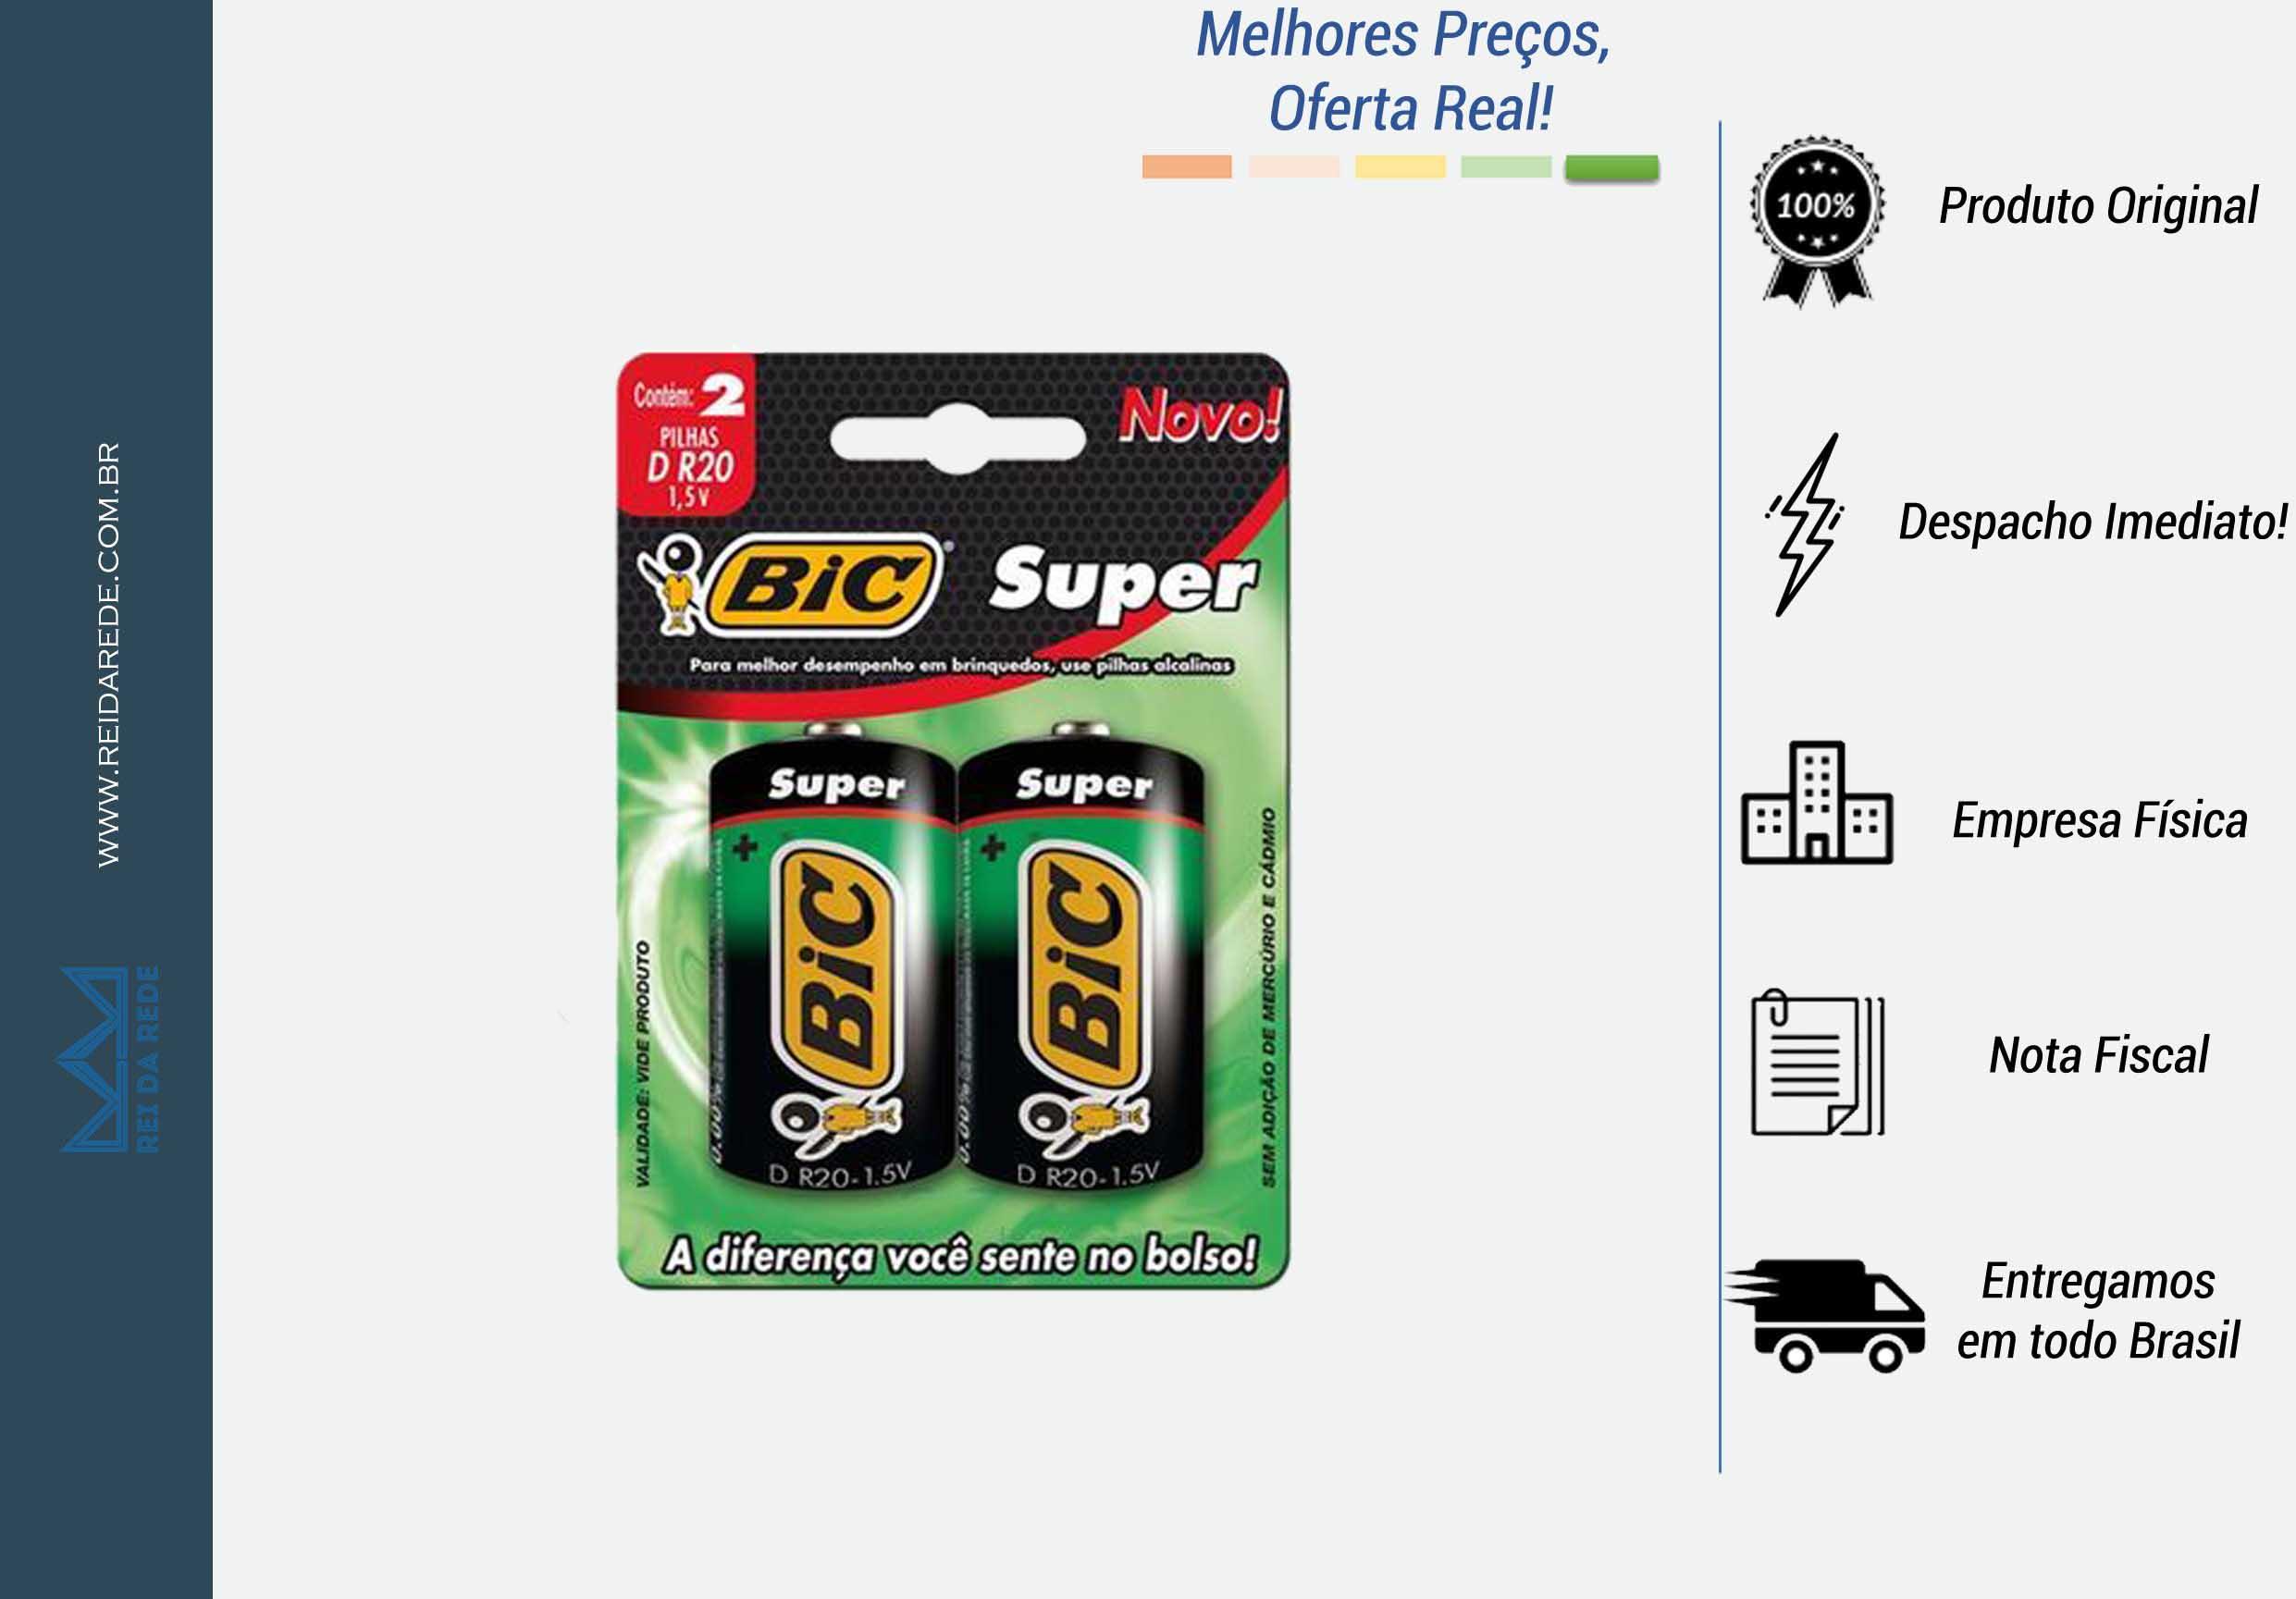 PILHA BIC COMUM SUPER GRANDE 2X1 - MARCA: BIC - MODELO: D